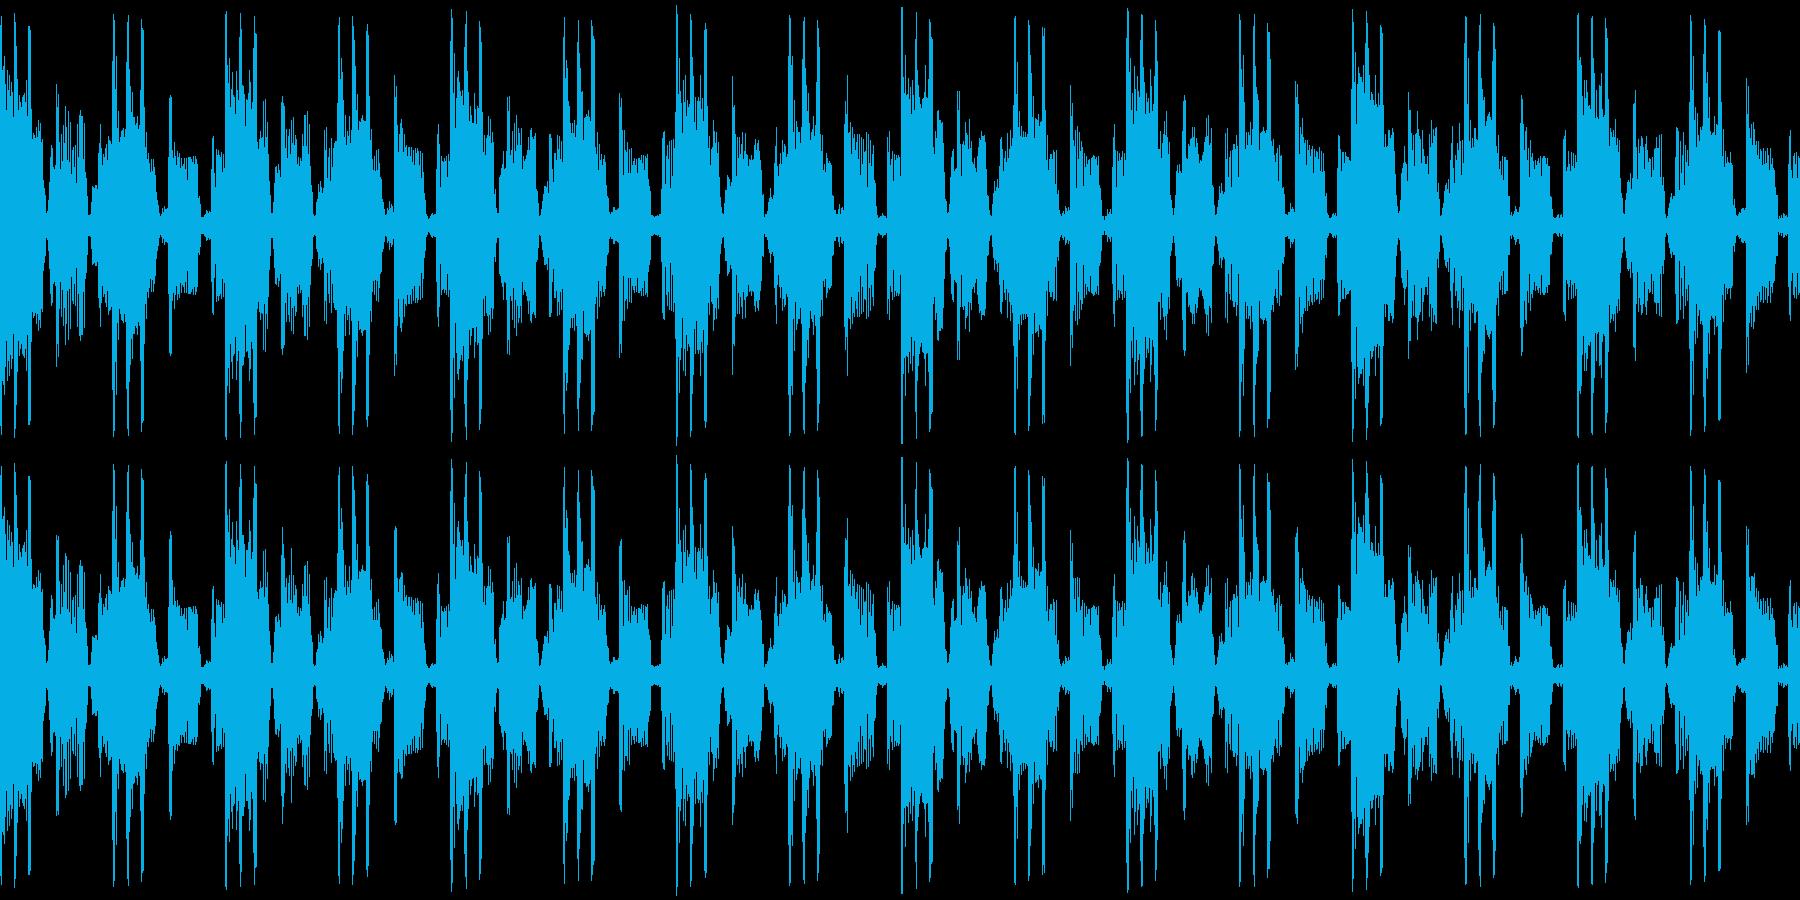 メニュー画面・汎用ループ単調ローファイの再生済みの波形